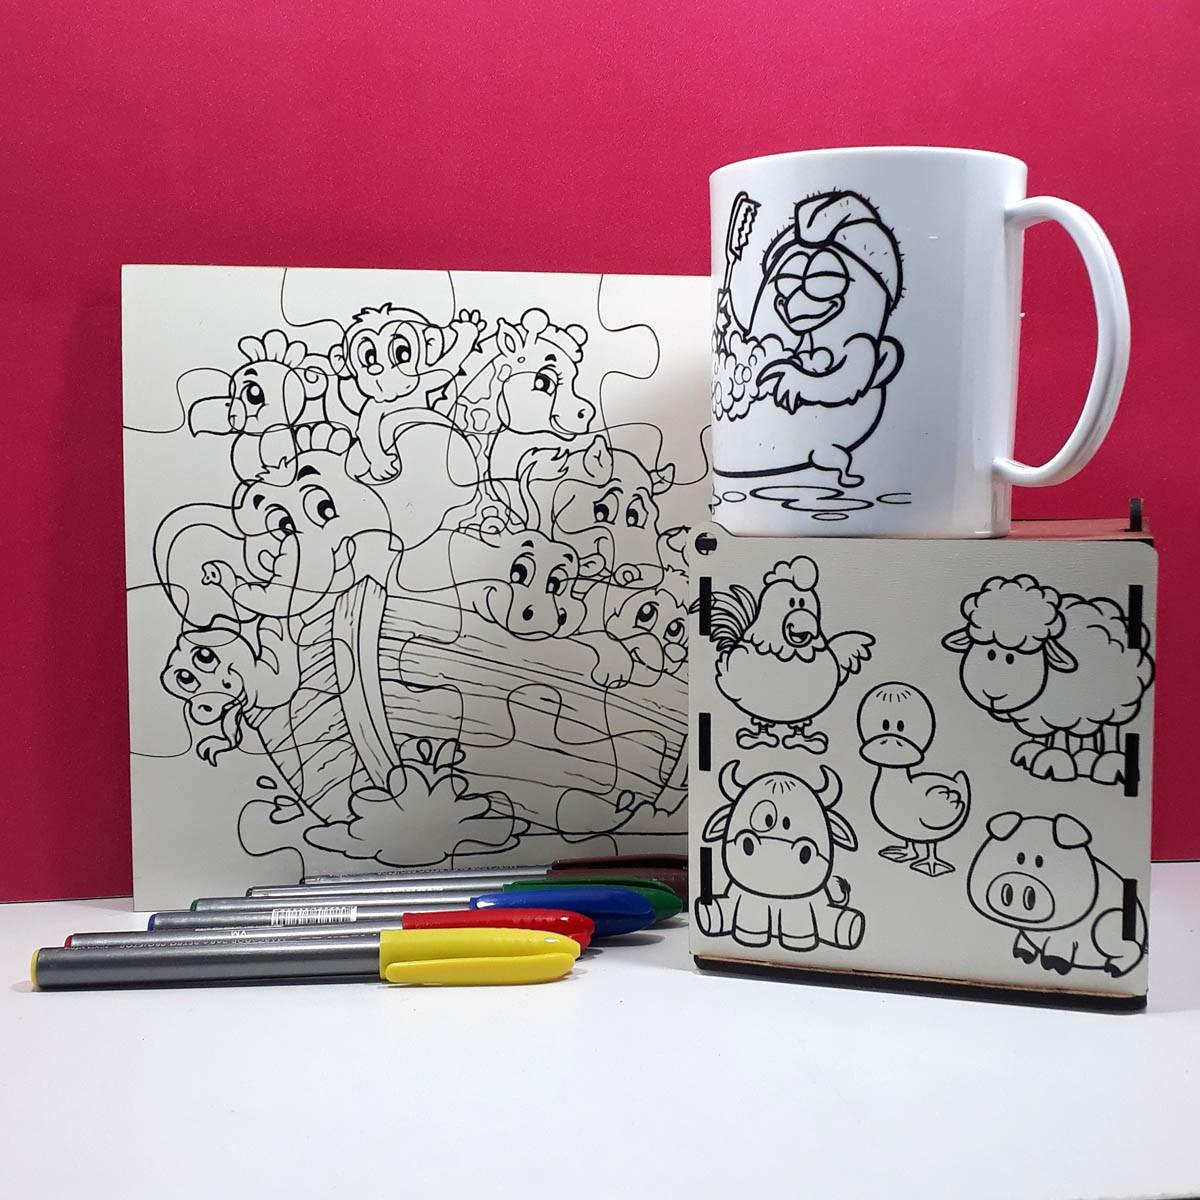 Kit Pintar Criativo – Colorindo a vida com Caneta – KITPC-013